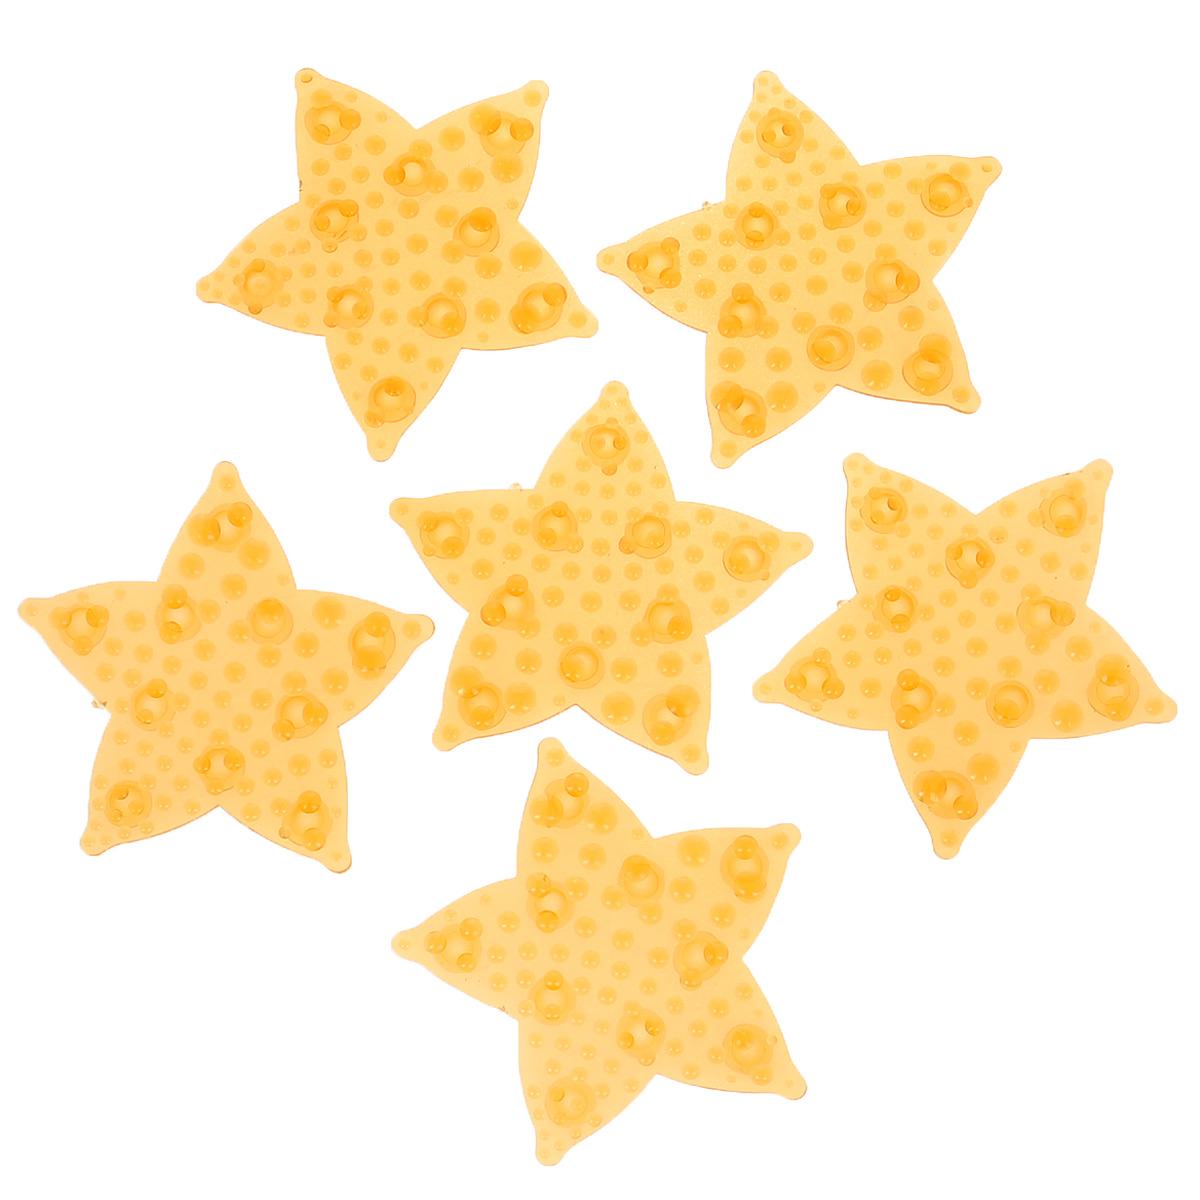 Набор мини-ковриков для ванной Dom Company Морская звезда перламутровая, цвет: оранжевый, 6 шт.837-022Набор Dom Company Морская звезда перламутровая состоит из шести мини-ковриков для ванной, изготовленных из 100% полимерных материалов в форме морских звезд. Коврики оснащены присосками, предотвращающими скольжение. Их можно крепить на дно ванны или использовать как декор для плитки. Коврики легко чистить.